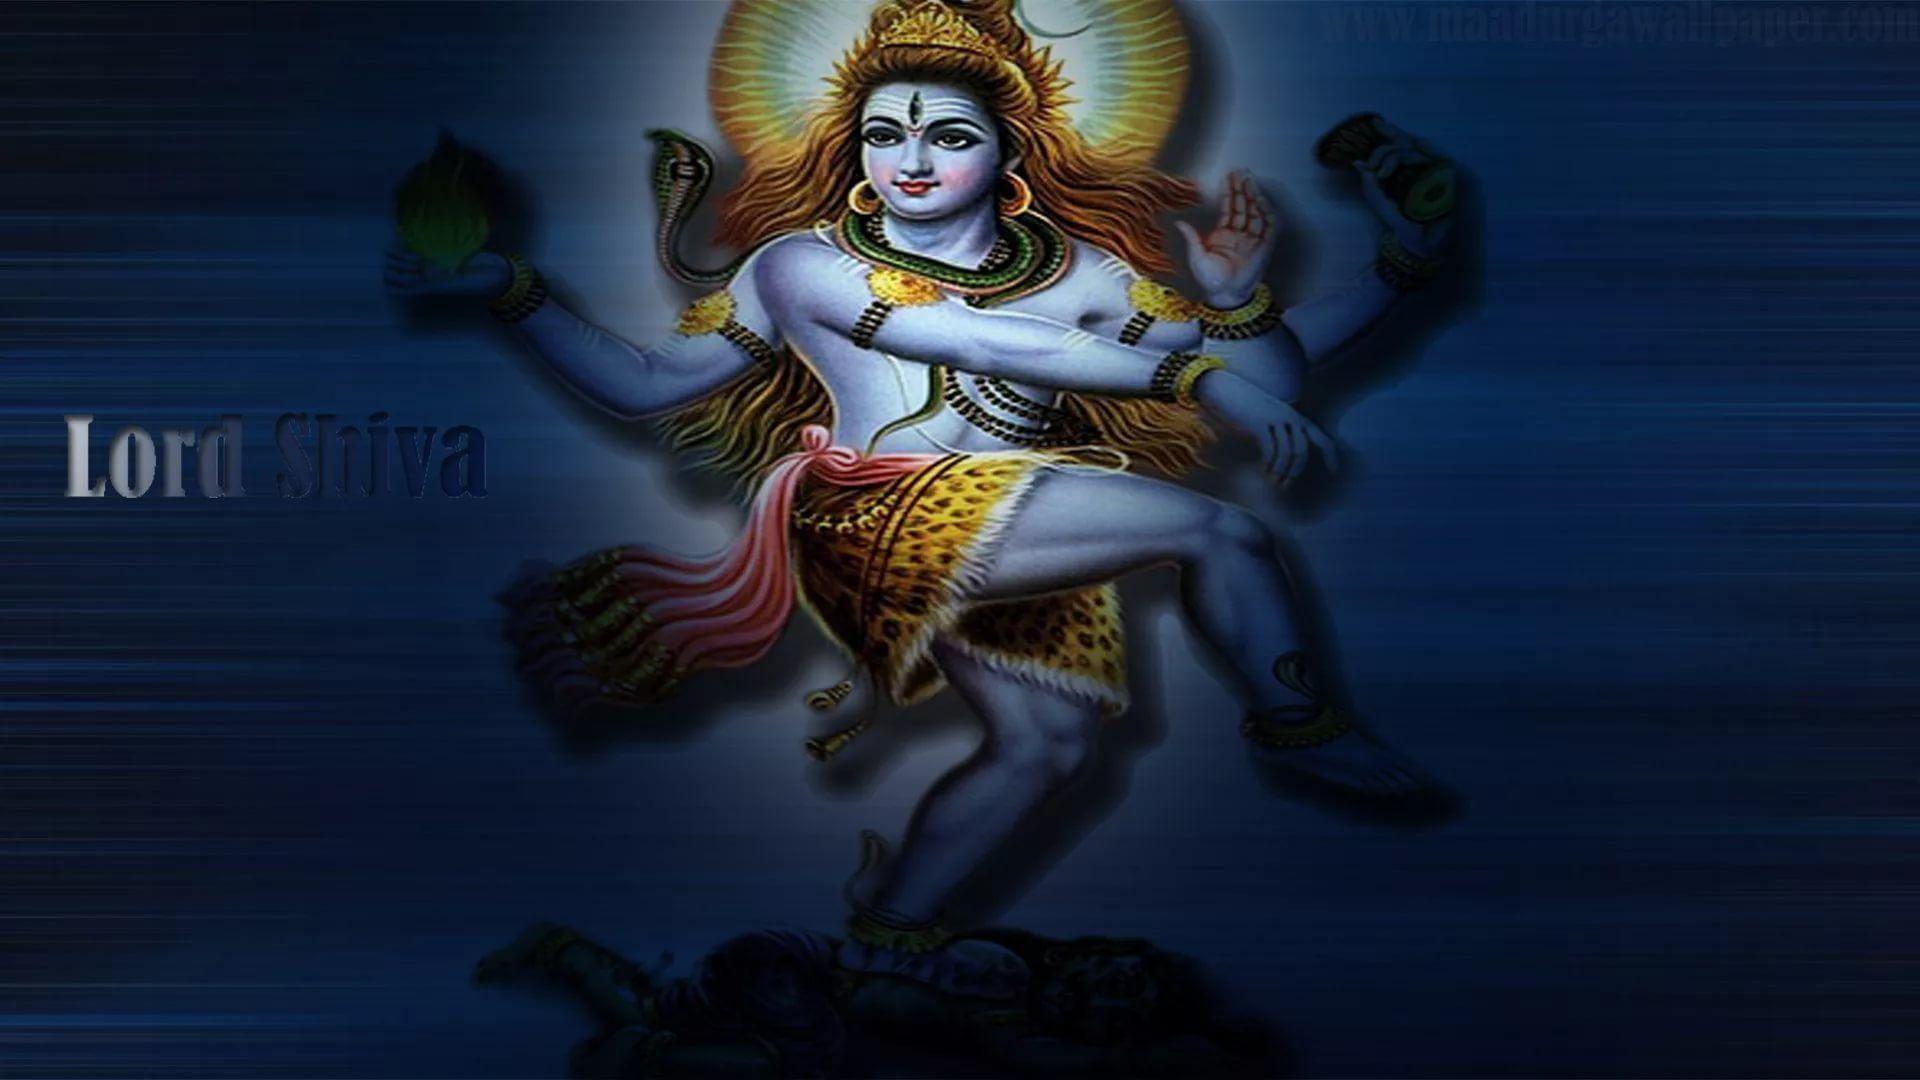 Lord Shiva Tandav Hd hd wallpaper